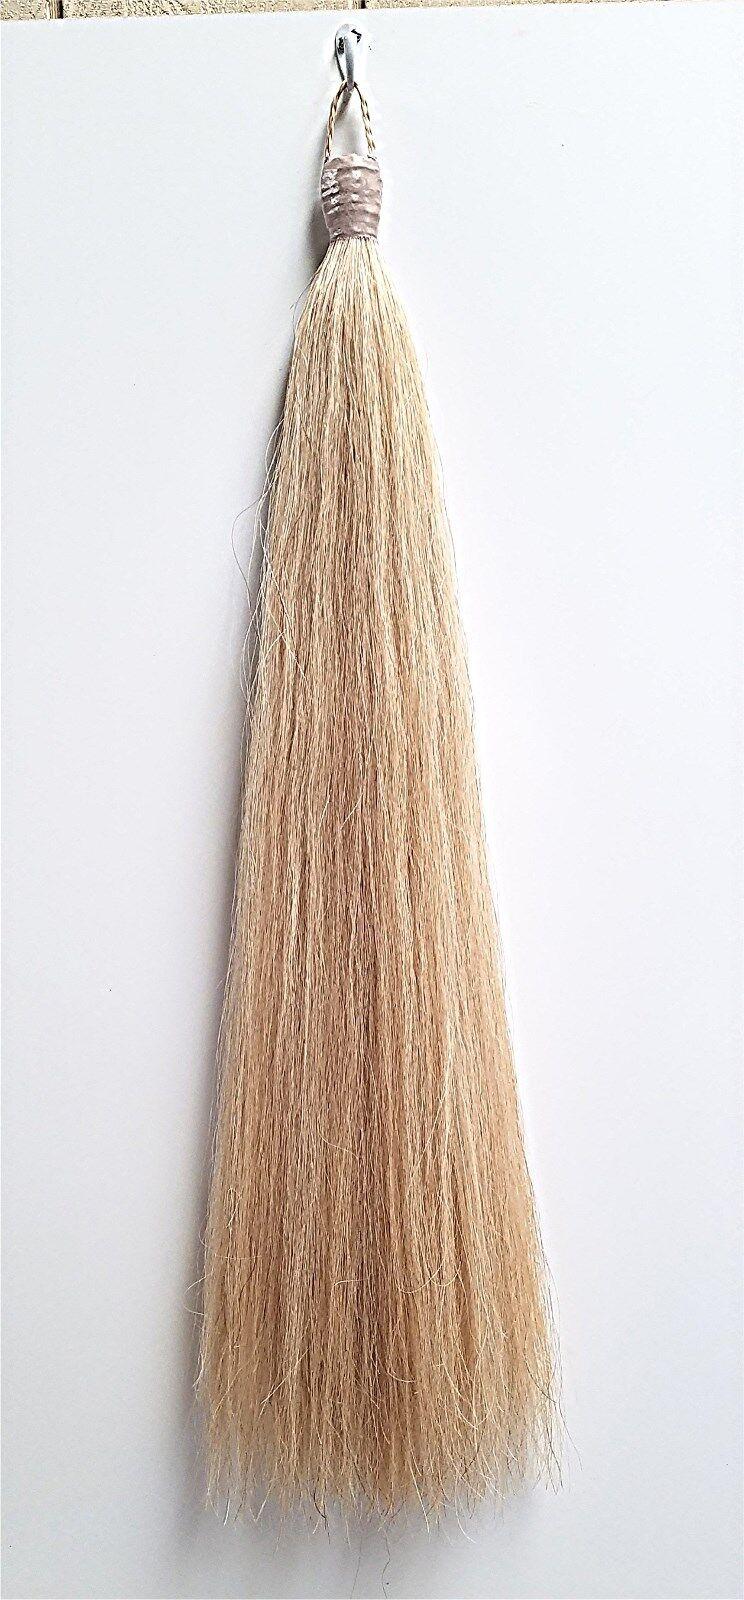 Extensión de cola personalizado nuevo ultra ligero Cabello 1 lb (approx. 0.45 kg) Hair & 1 lb (approx. 0.45 kg) pesos kathys colas